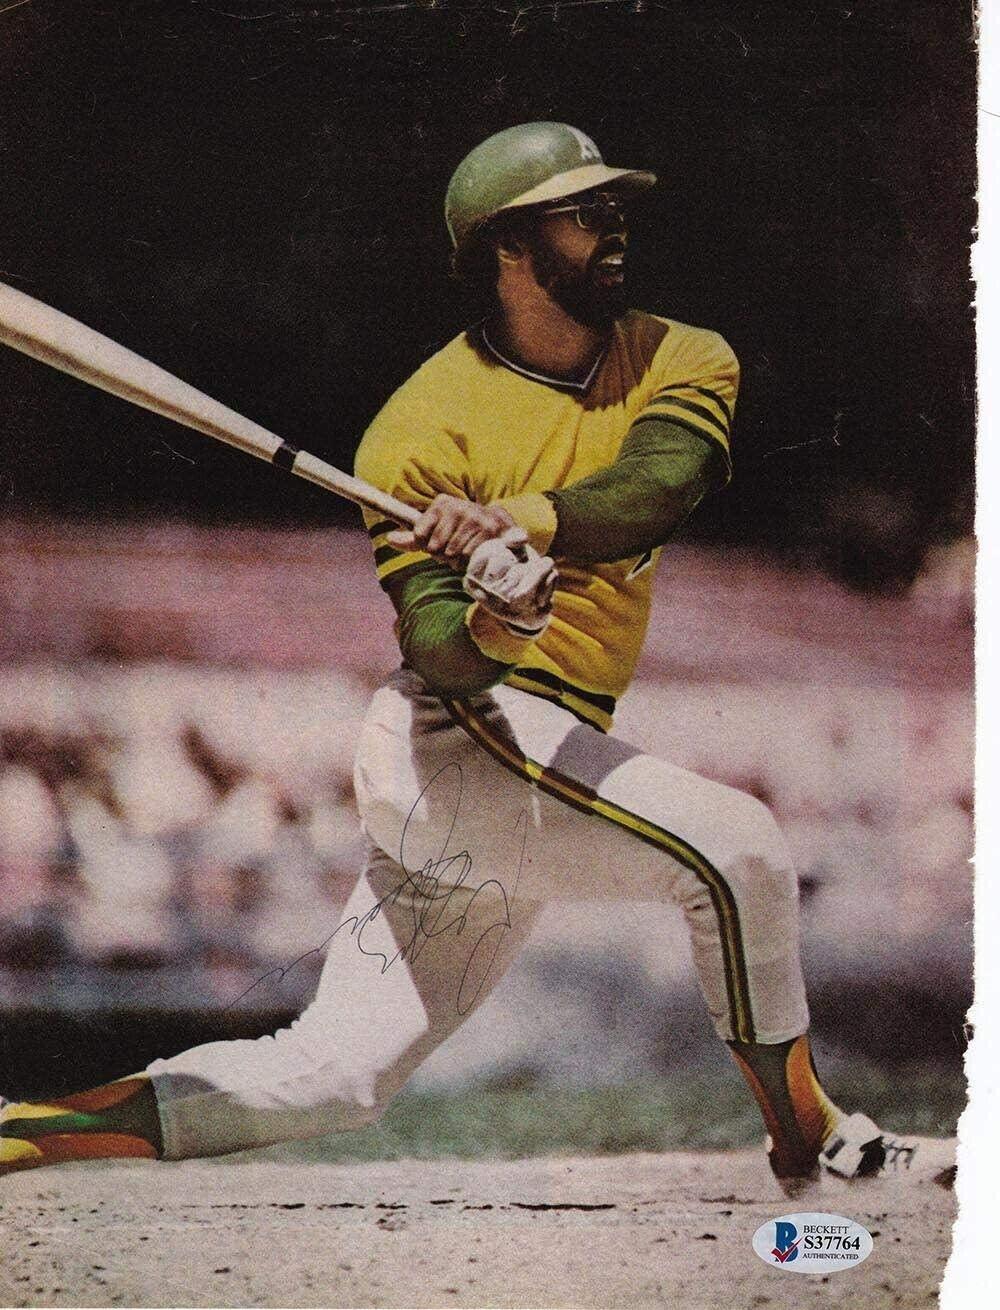 Reggie Jackson Oakland Athletics Signed Magazine Page Photo BAS - Beckett Authentication - Autographed MLB Magazines